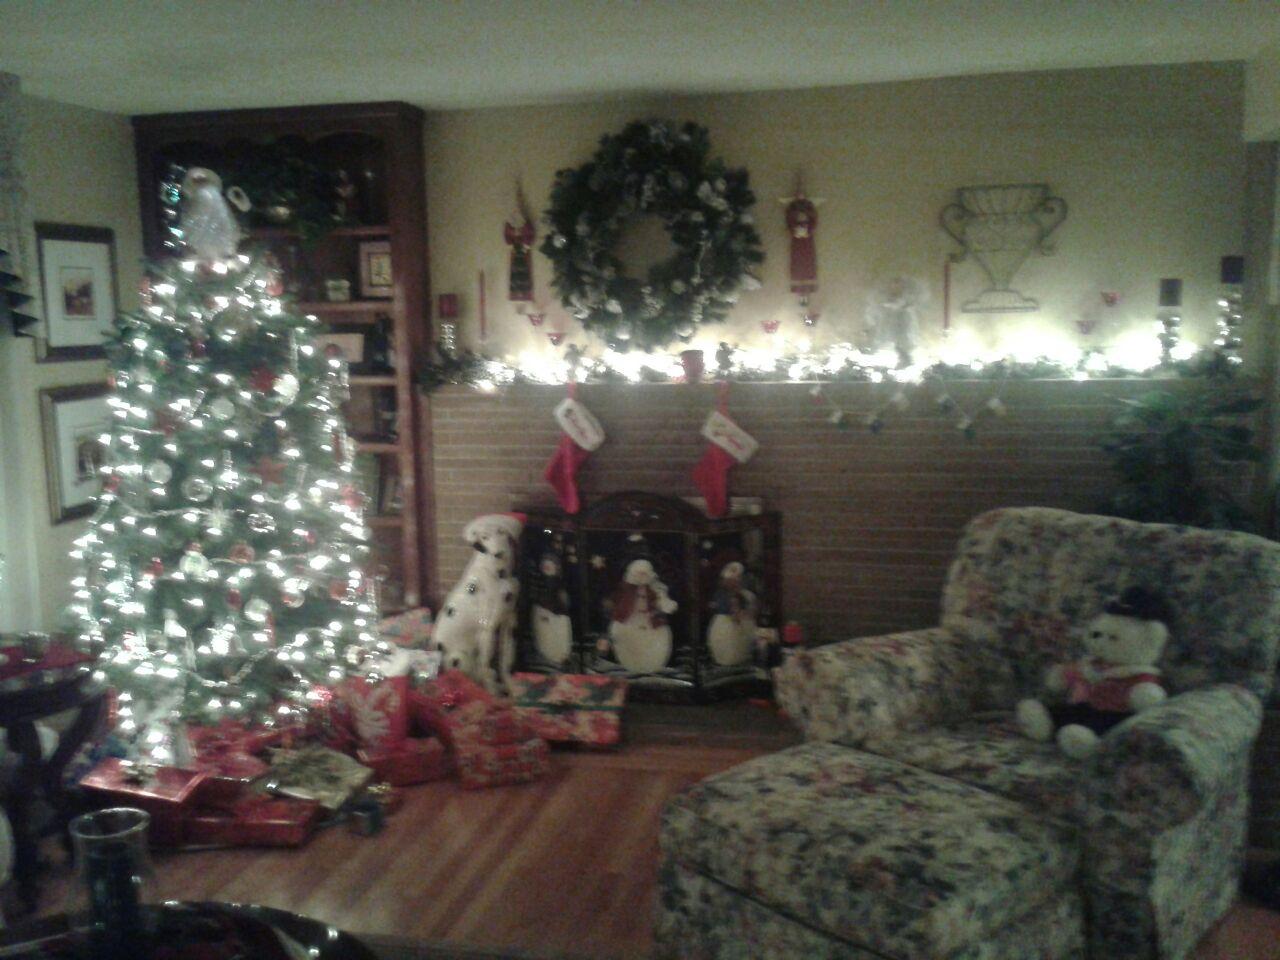 Real or Fake Christmas tree?-2012-12-05-17.38.09.jpg